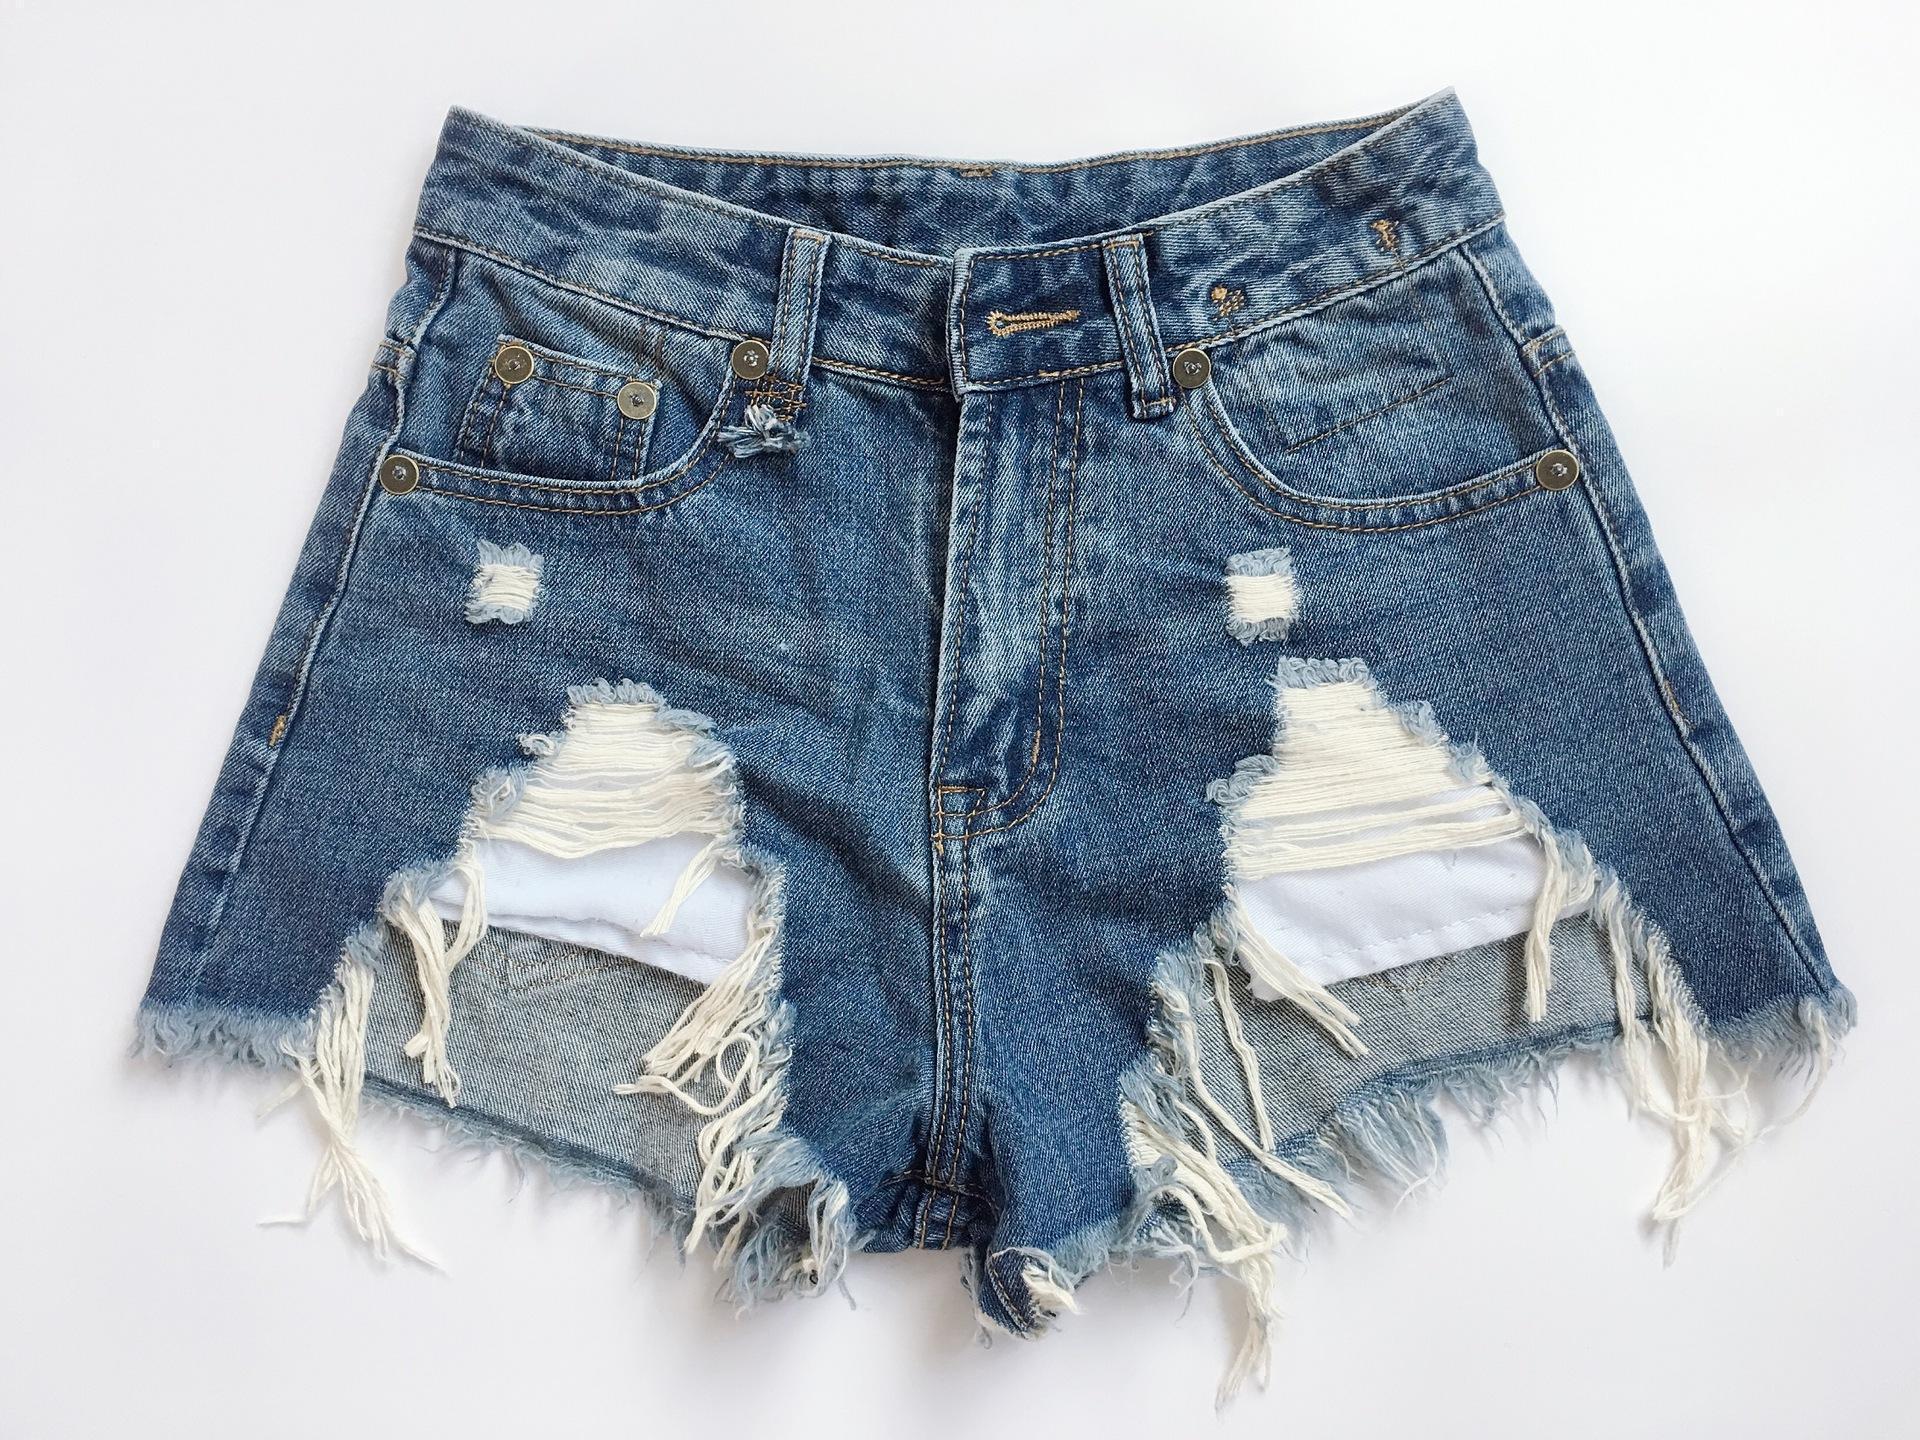 Verão Mulheres RI3 calções Tassel mulheres jeans da moda fresco do estilo furo furos lavado desgastado calções rebarbas jean menina tamanho asiático 25-30 zsxx747642 #